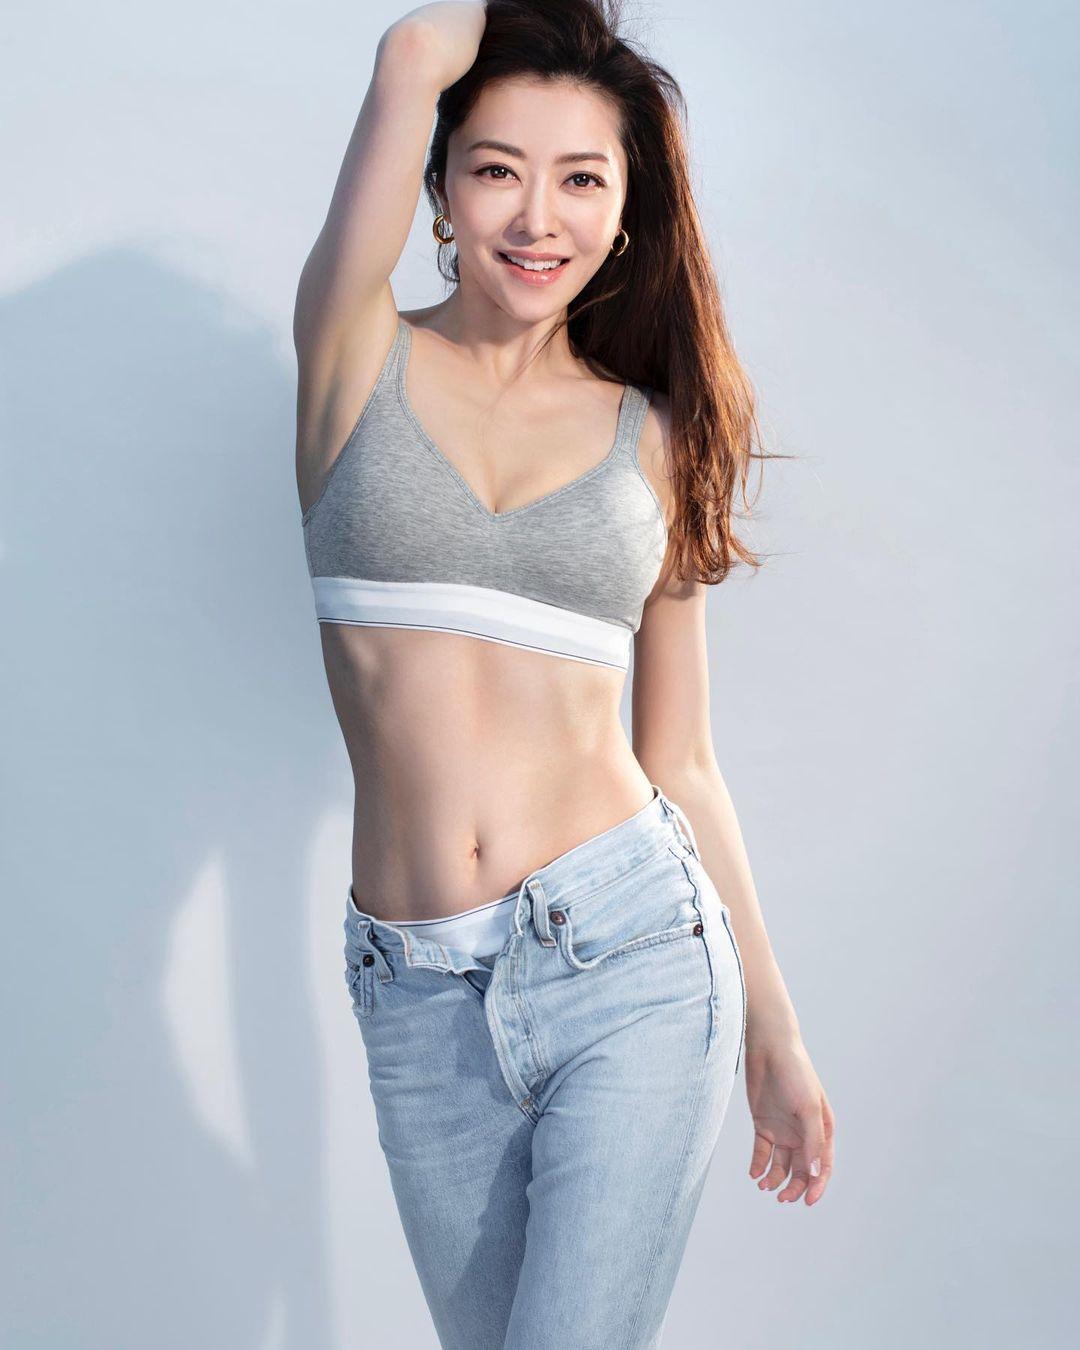 Người mẫu, diễn viên Hùng Đại Lâm.